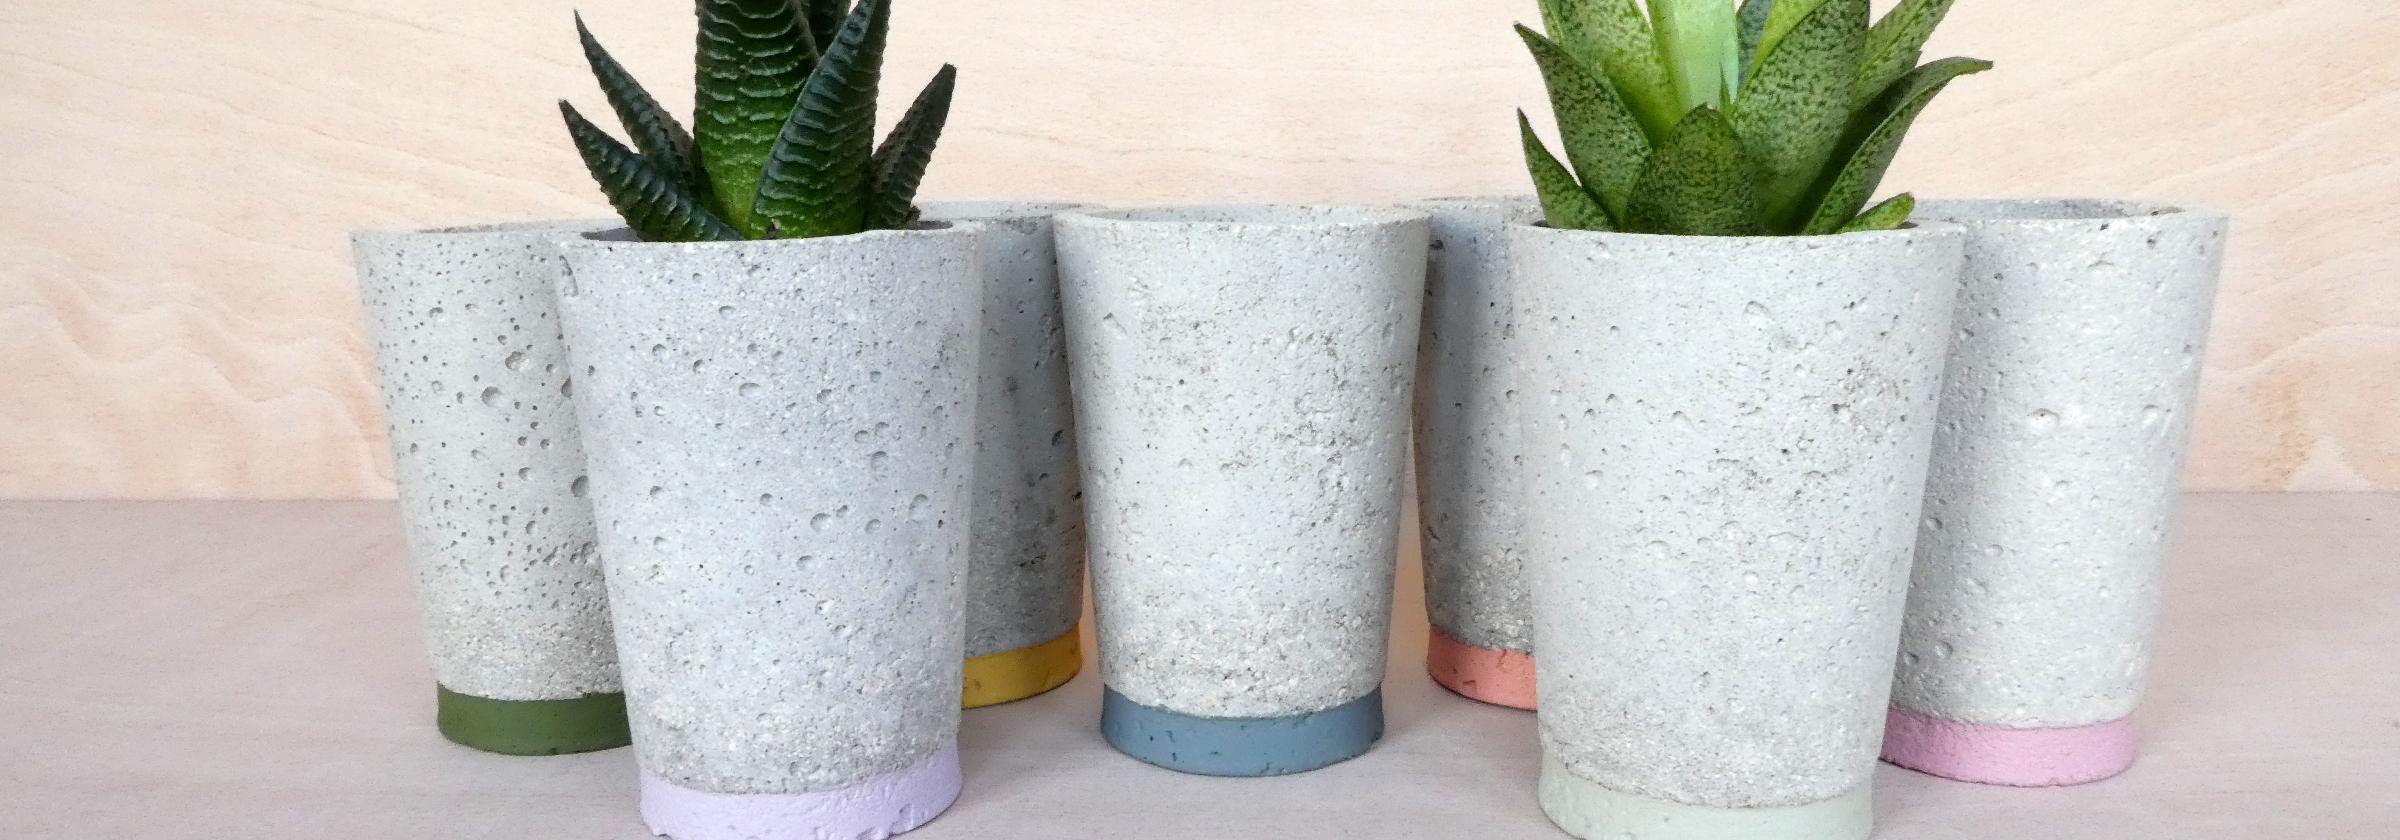 Five concrete plant pots, with plants in